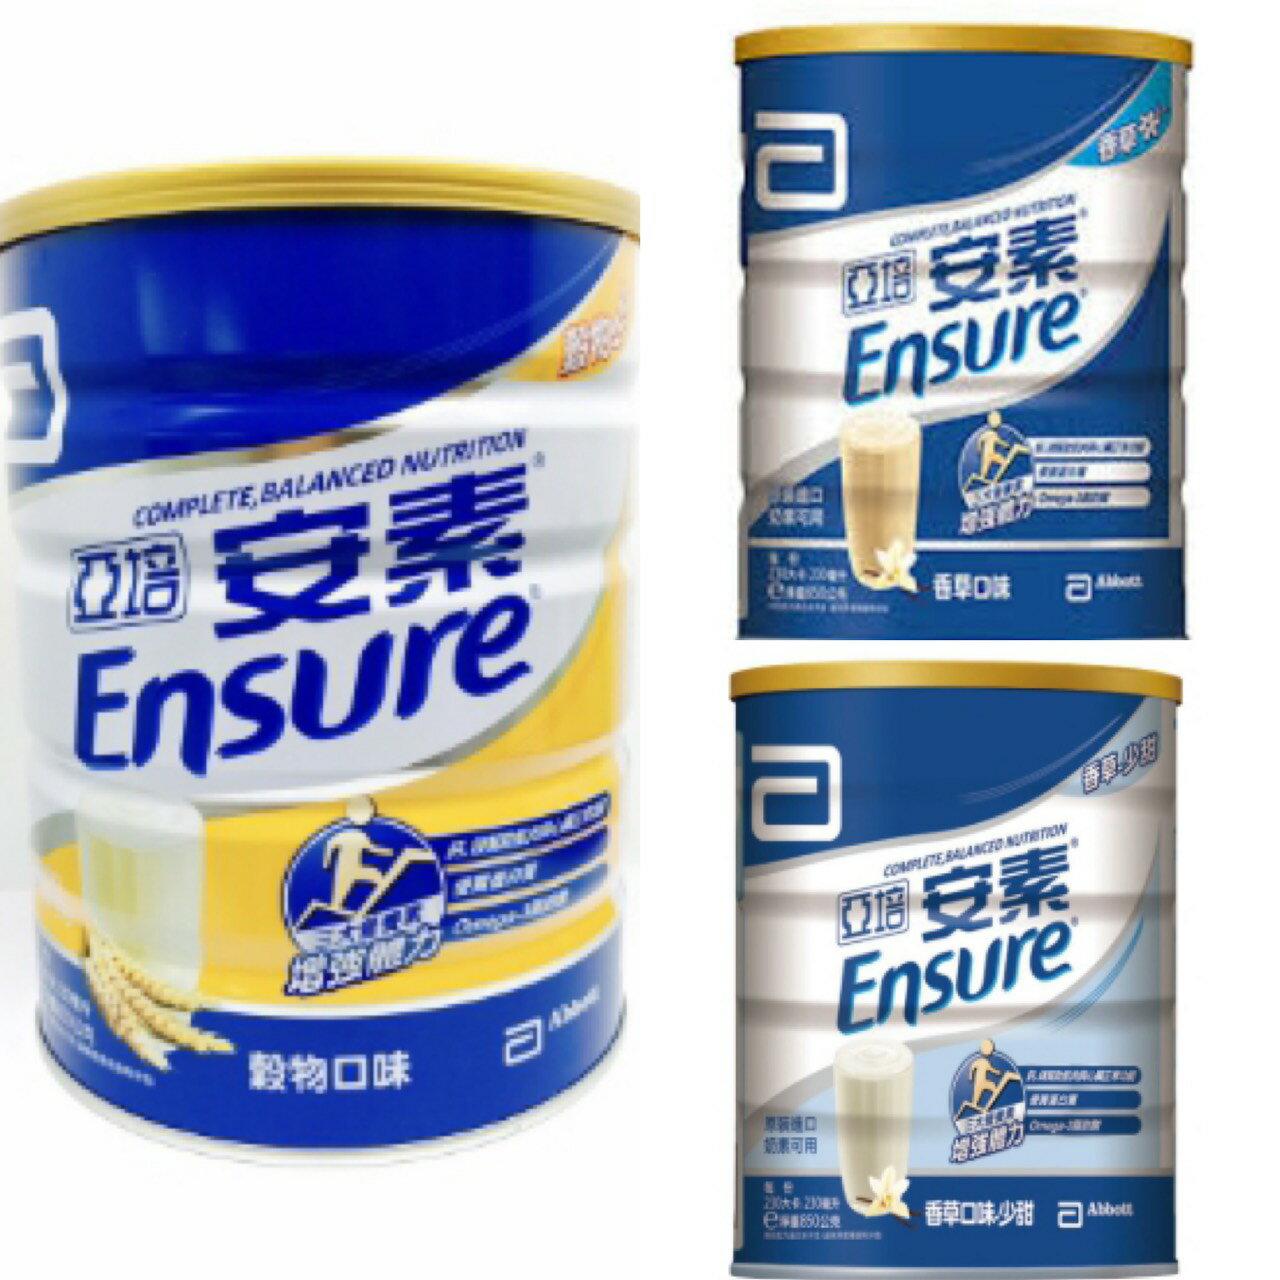 亞培 安素 優能基配方 香草口味 穀物口味 香草少甜 850g